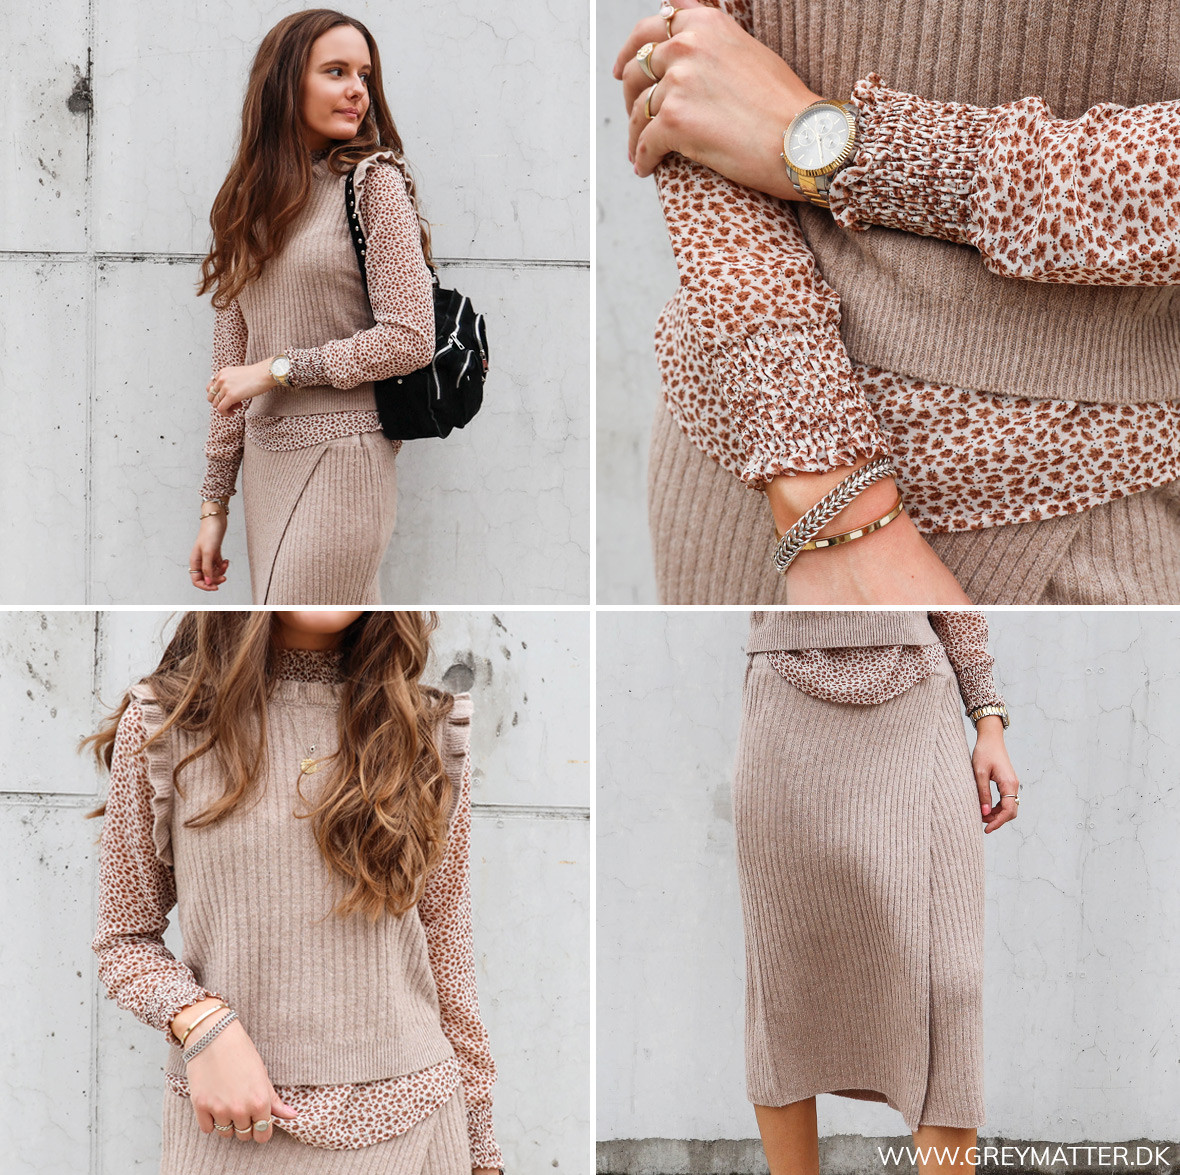 greymatter_fashion_trend_veste_efteraar.jpg